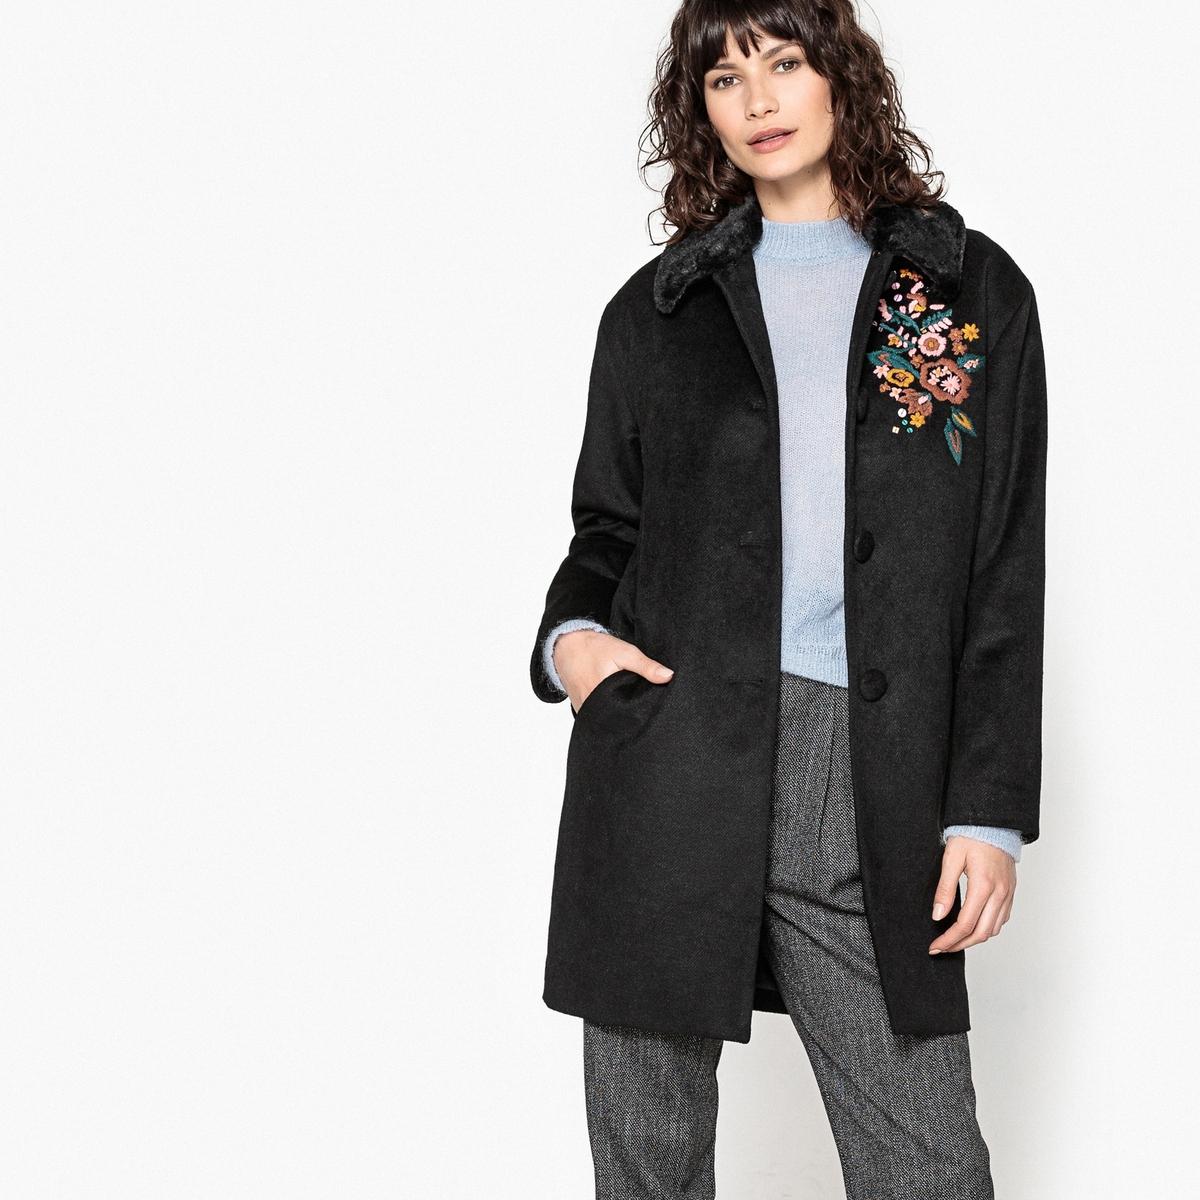 Пальто с вышивкойОписание:Воротник из искусственного меха и вышивка придают этому пальто стильный внешний вид. Полностью на подкладке.Детали •  Длина : средняя •  Воротник-поло, рубашечный  • Застежка на пуговицыСостав и уход •  42% шерсти, 4% других волокон, 54% полиэстера  •  Подкладка : 100% полиэстер • Не стирать  •  Любые растворители / не отбеливать   •  Не использовать барабанную сушку   •  Не гладить •  Длина : 90  см<br><br>Цвет: черный<br>Размер: 46 (FR) - 52 (RUS)